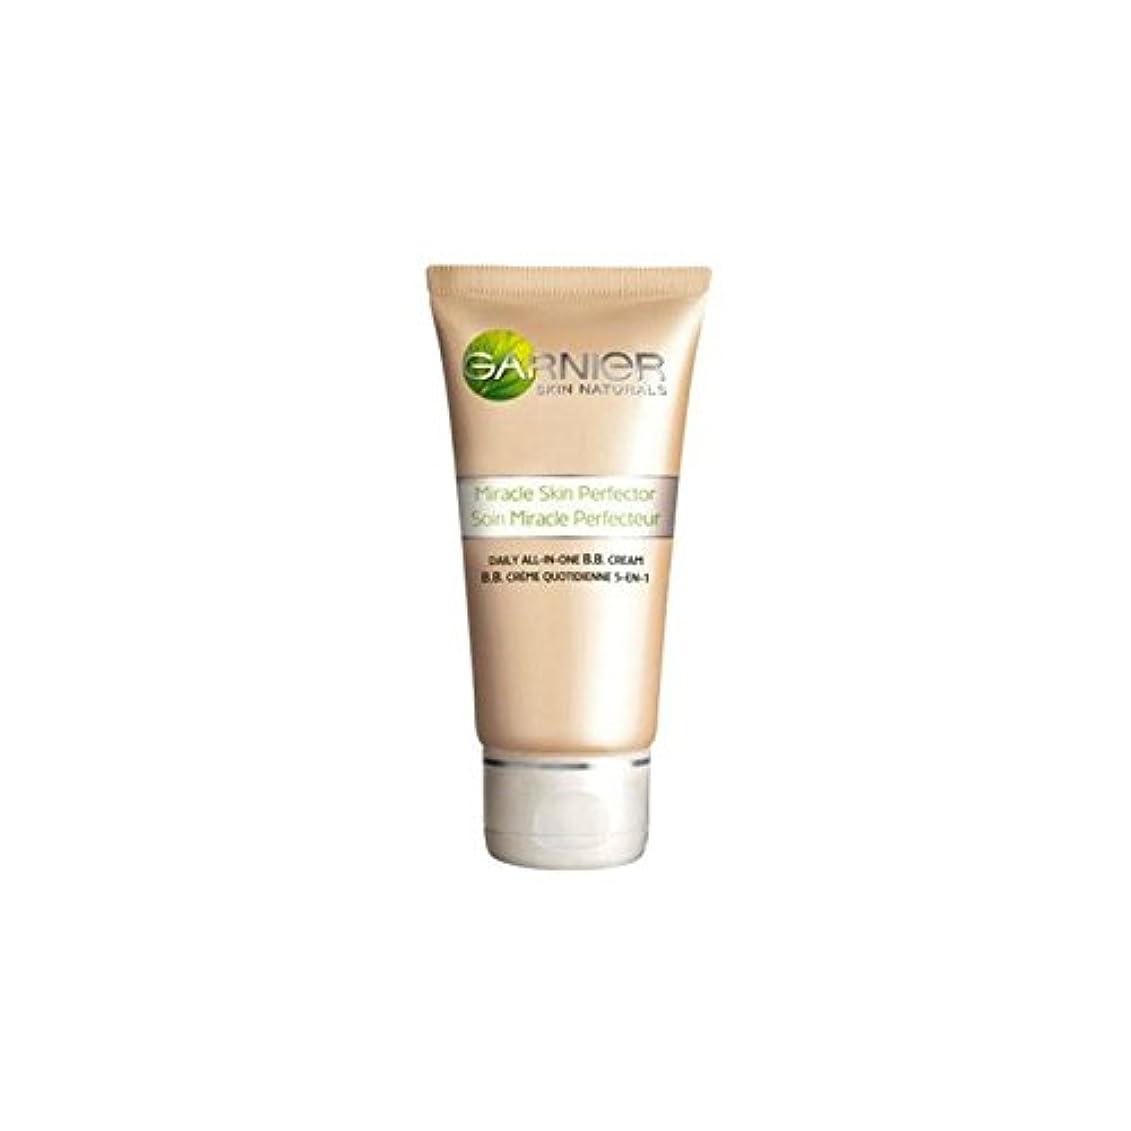 フルートブルーベル爆発Garnier Original Medium Bb Cream (50ml) (Pack of 6) - ガルニエオリジナル媒体クリーム(50)中 x6 [並行輸入品]